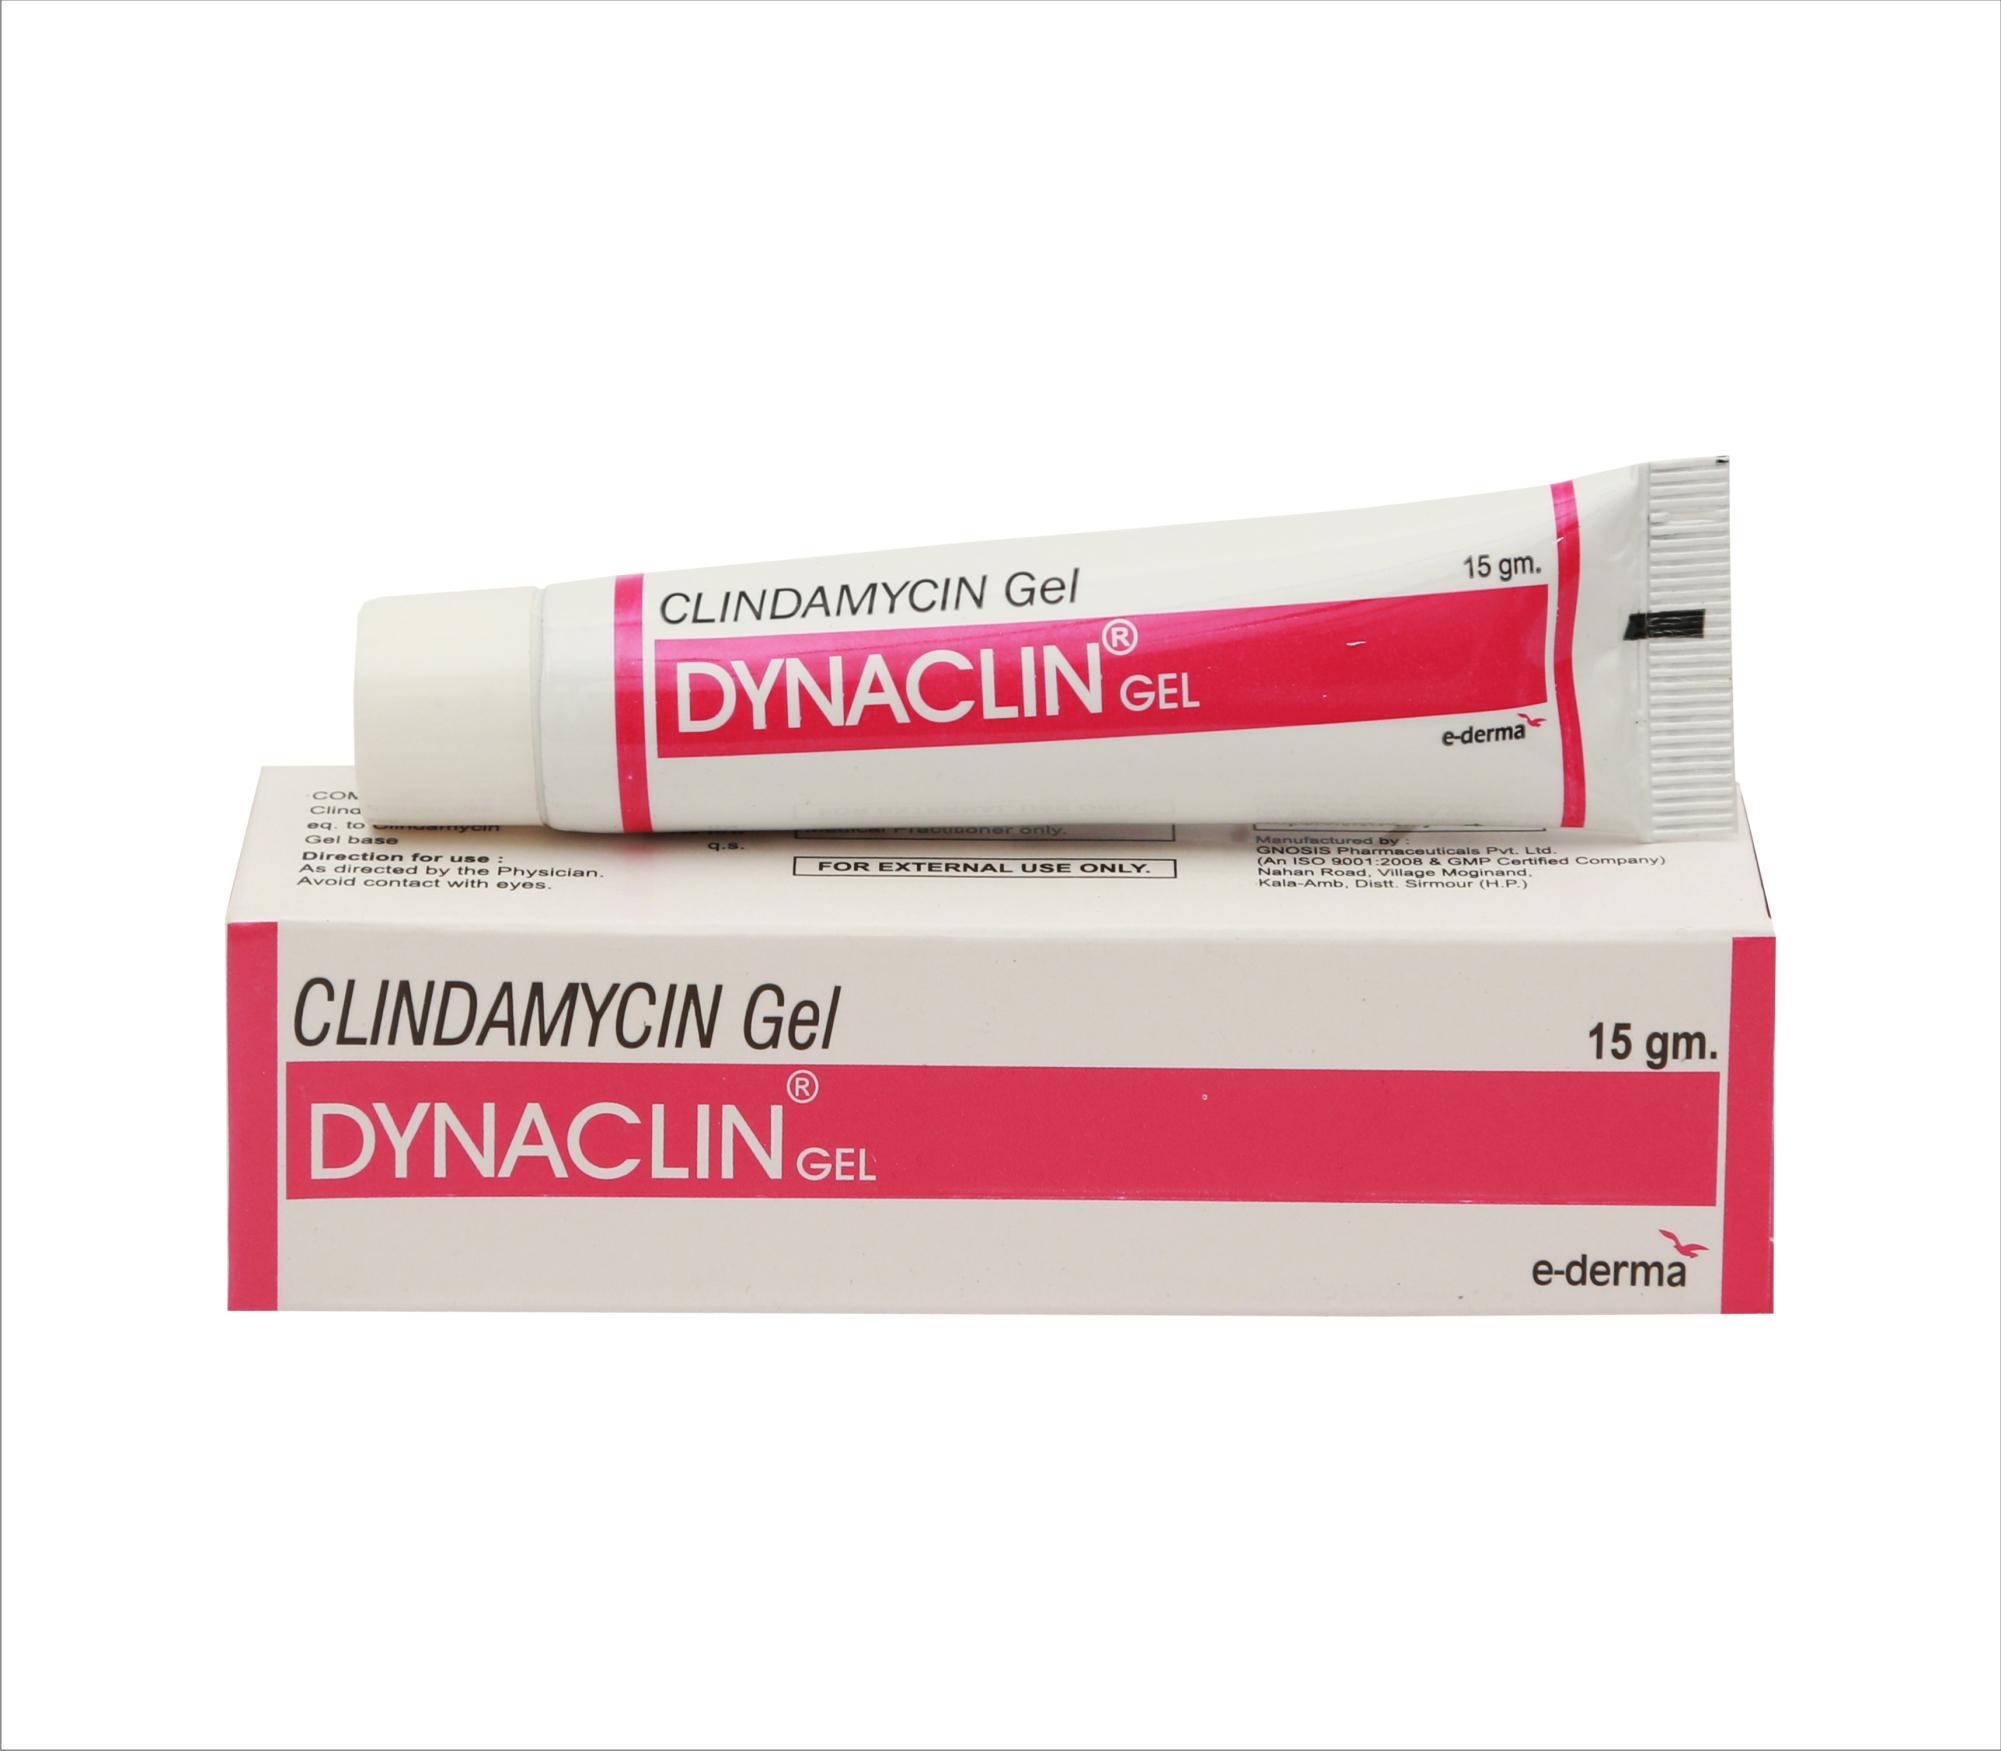 Clindamycin Gel With Nocotinamide